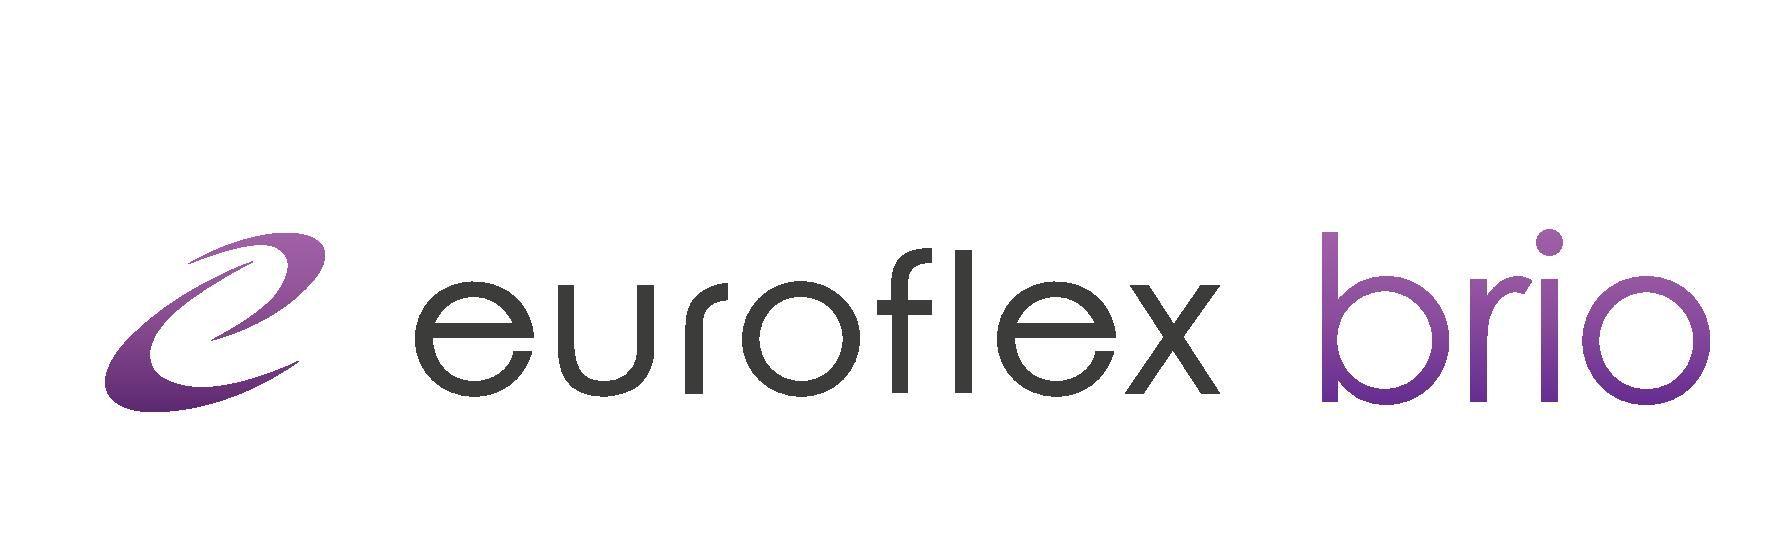 logo euroflex brio